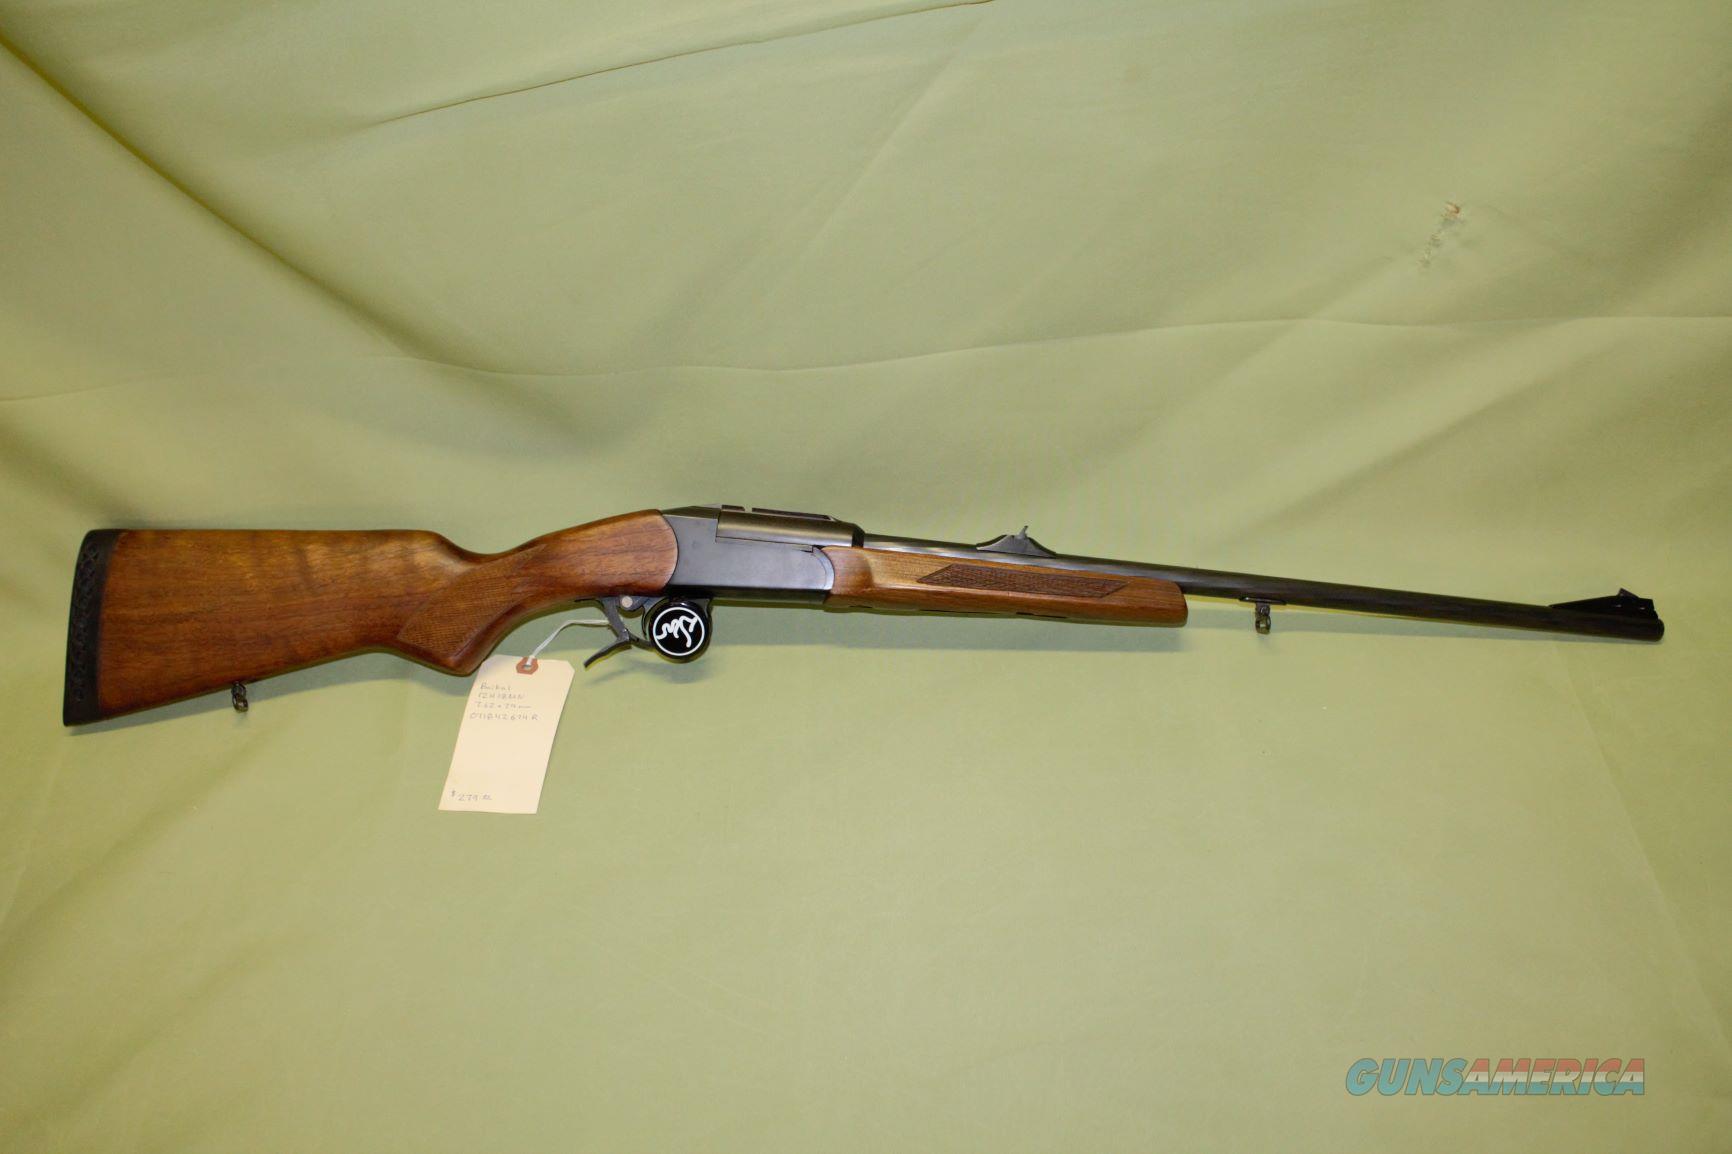 Baikal Single Shot 7.62x39  Guns > Rifles > Baikal Rifles